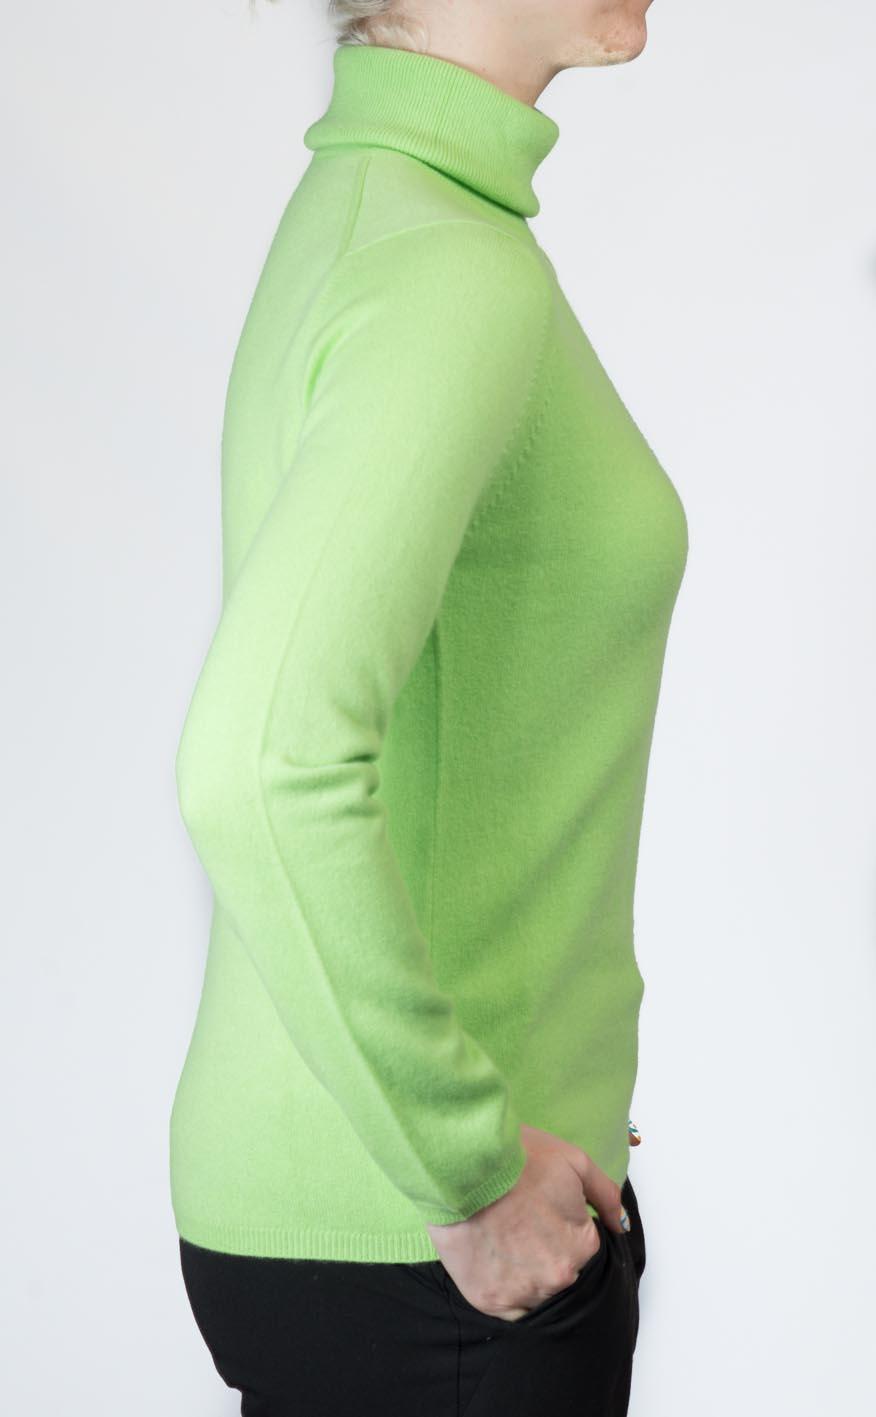 Colour: Lime Juice